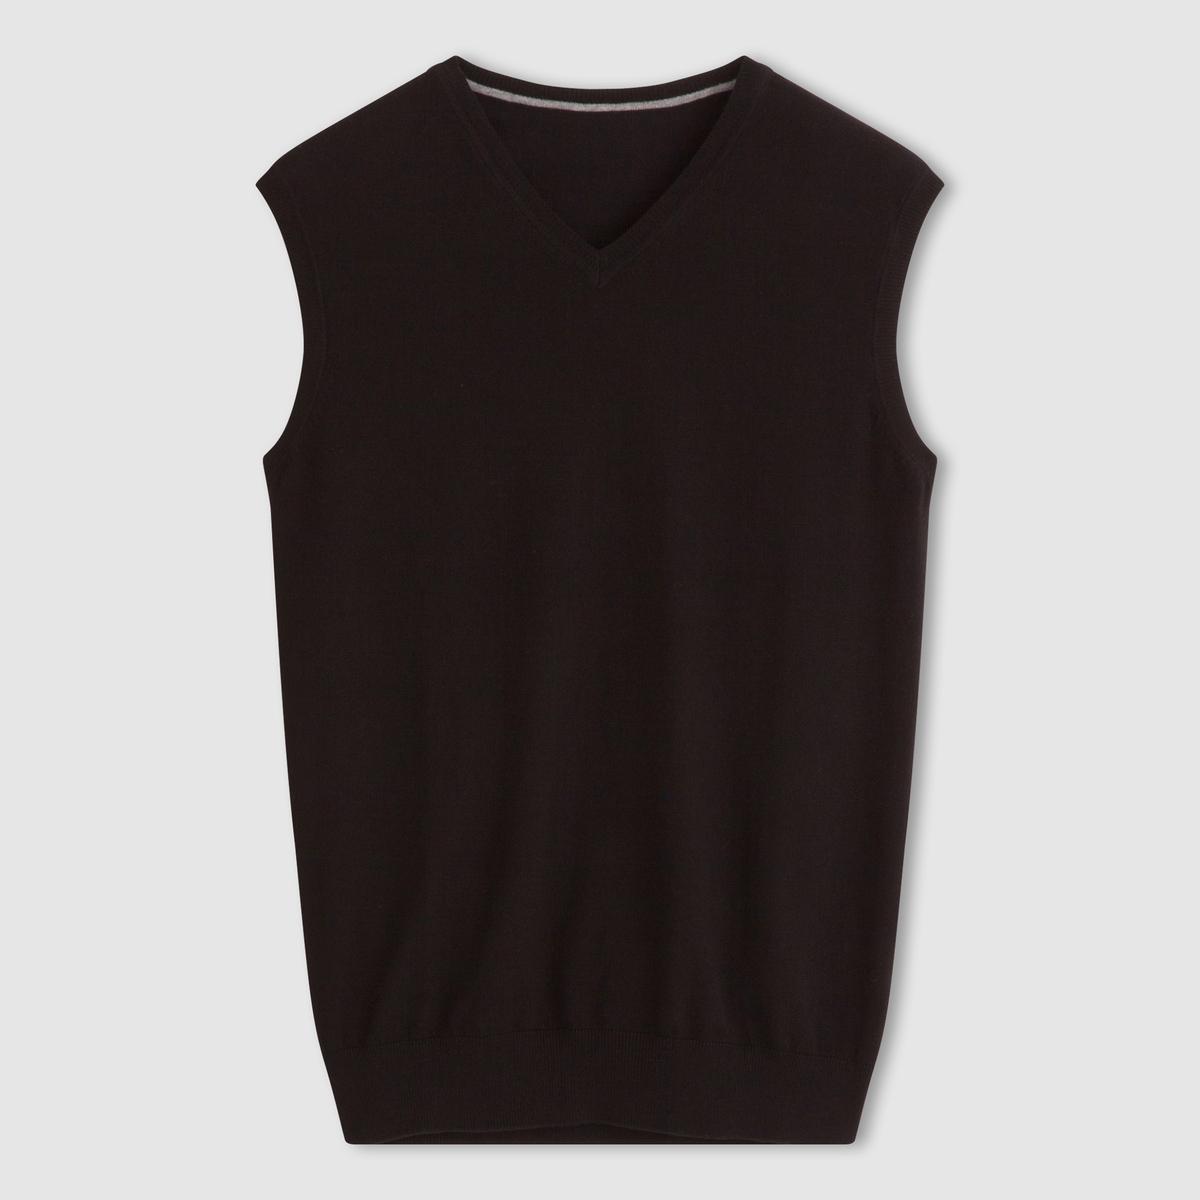 Пуловер с V-образным вырезом, без рукавов